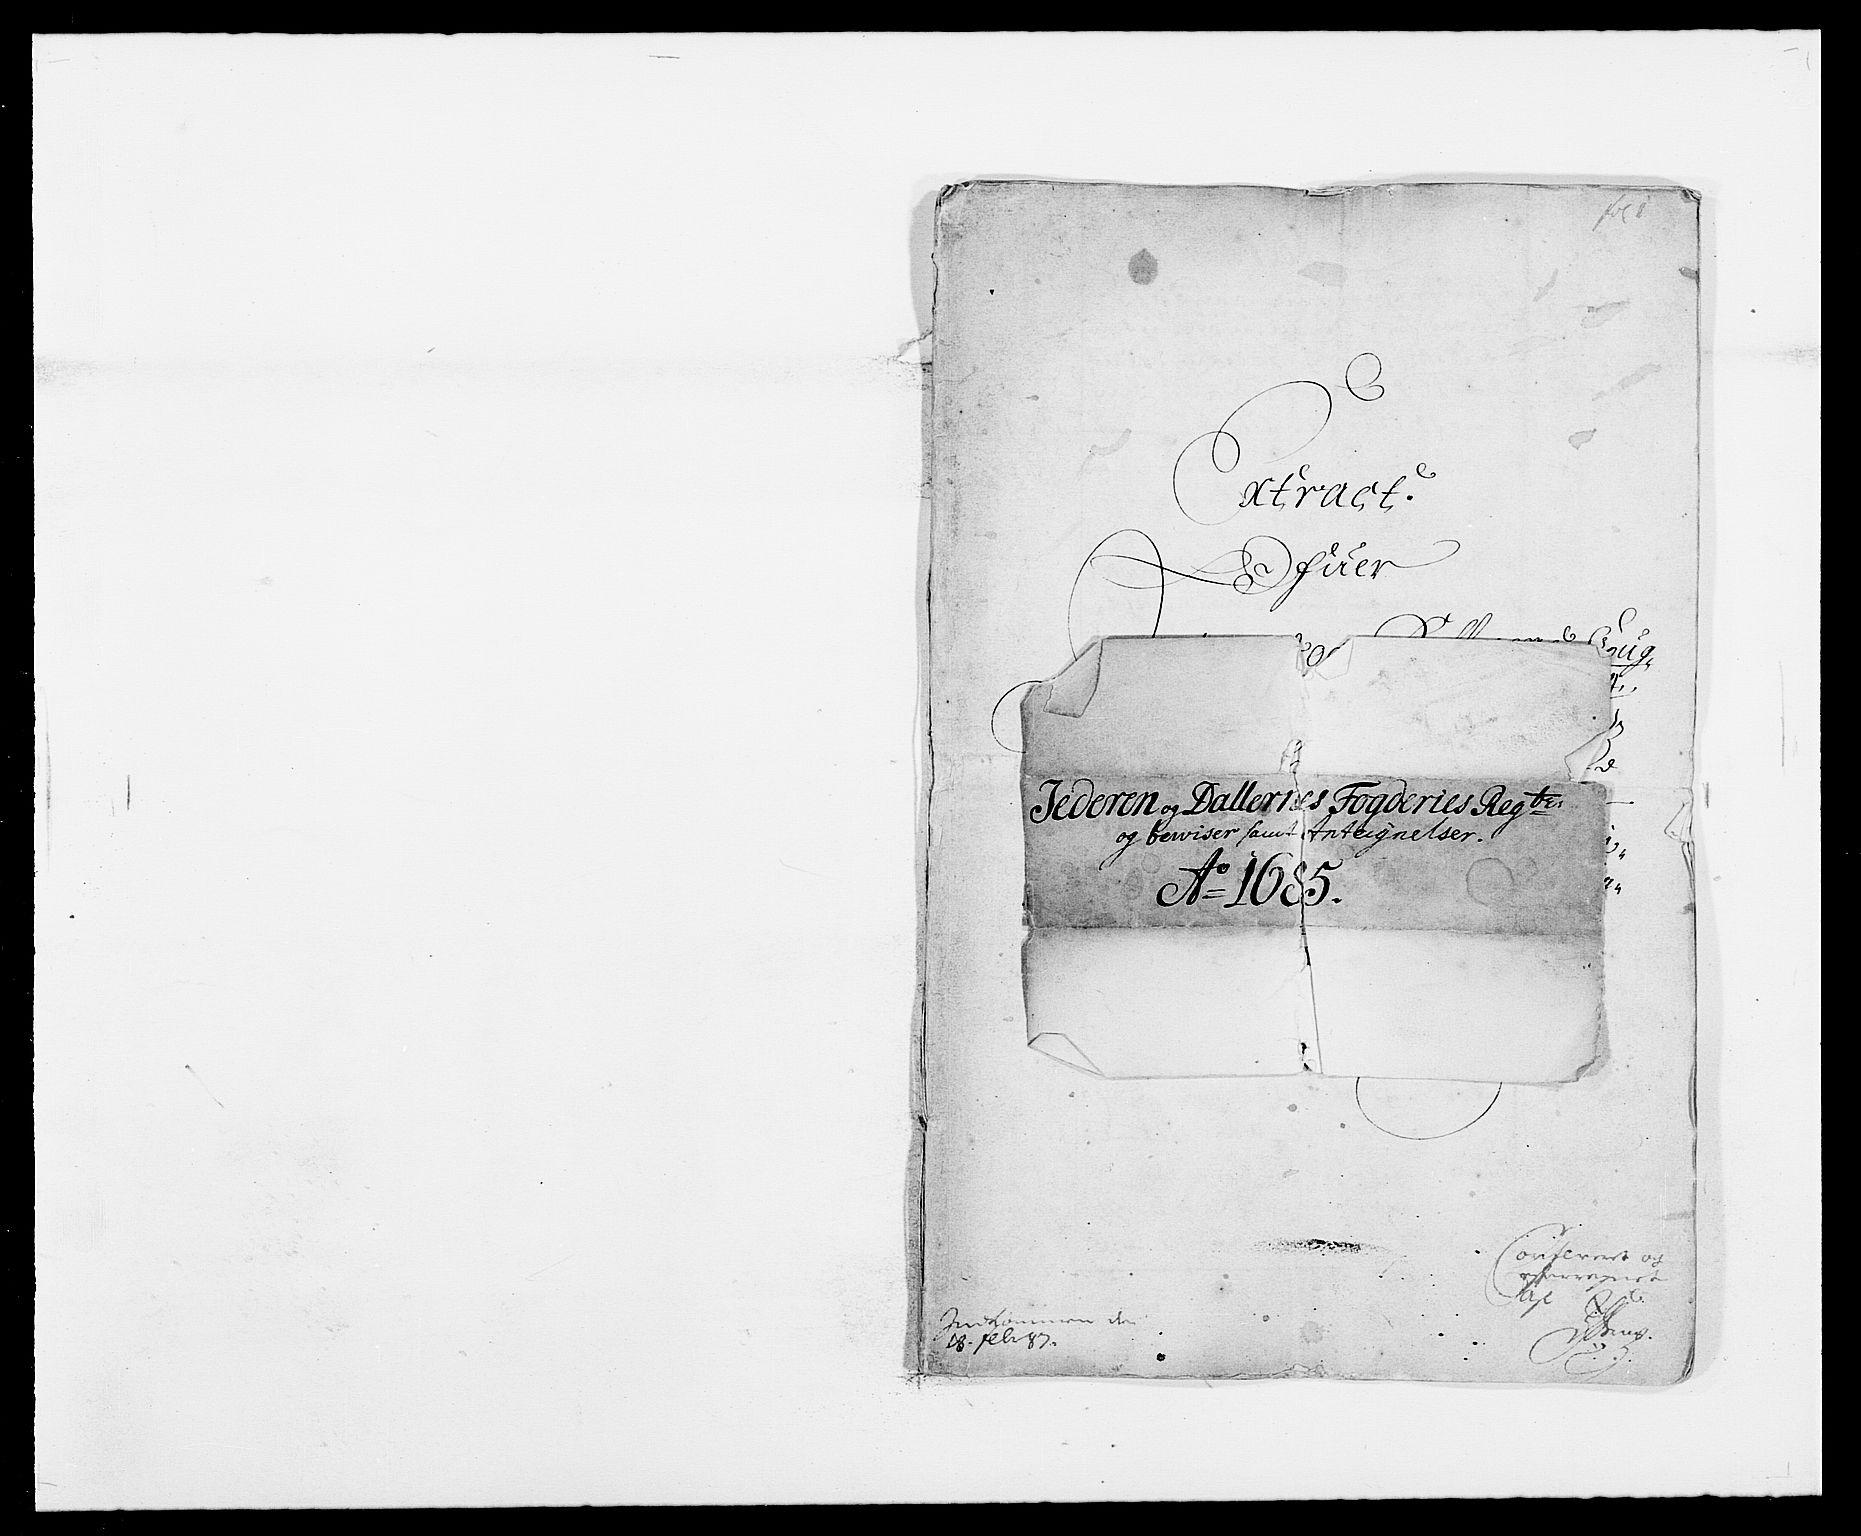 RA, Rentekammeret inntil 1814, Reviderte regnskaper, Fogderegnskap, R46/L2725: Fogderegnskap Jæren og Dalane, 1685, s. 1